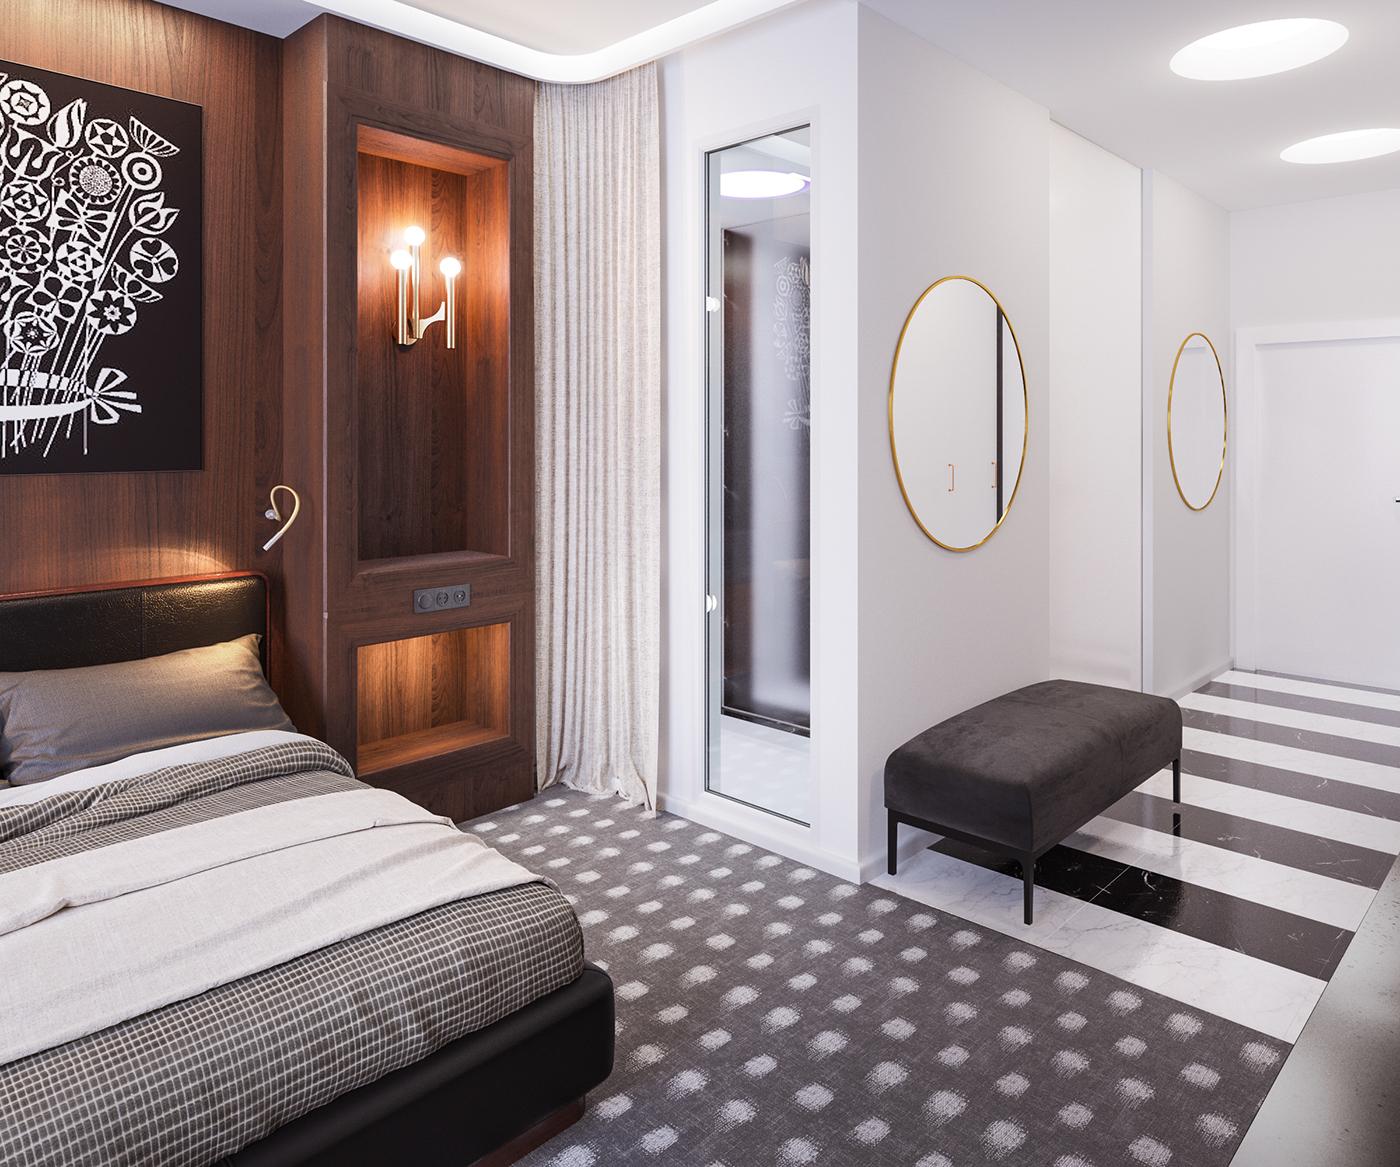 Роскошная квартира Роскошная квартира Роскошная квартира от дизайнера Ольги Ермолиной 7487d734905039